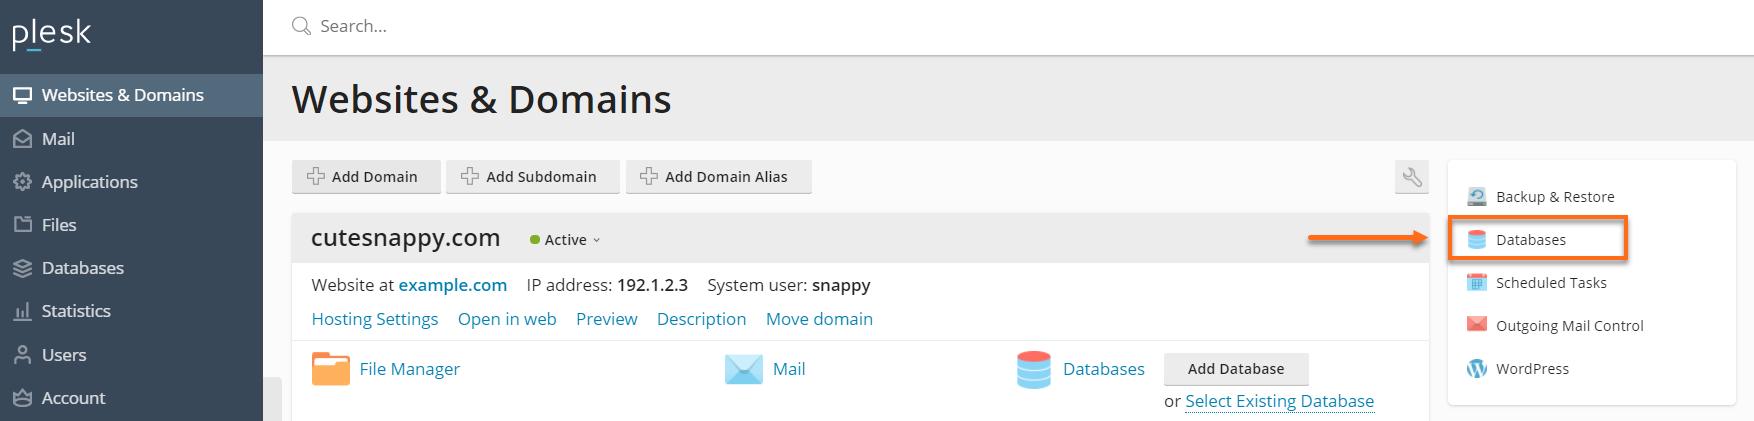 Plesk - Databases